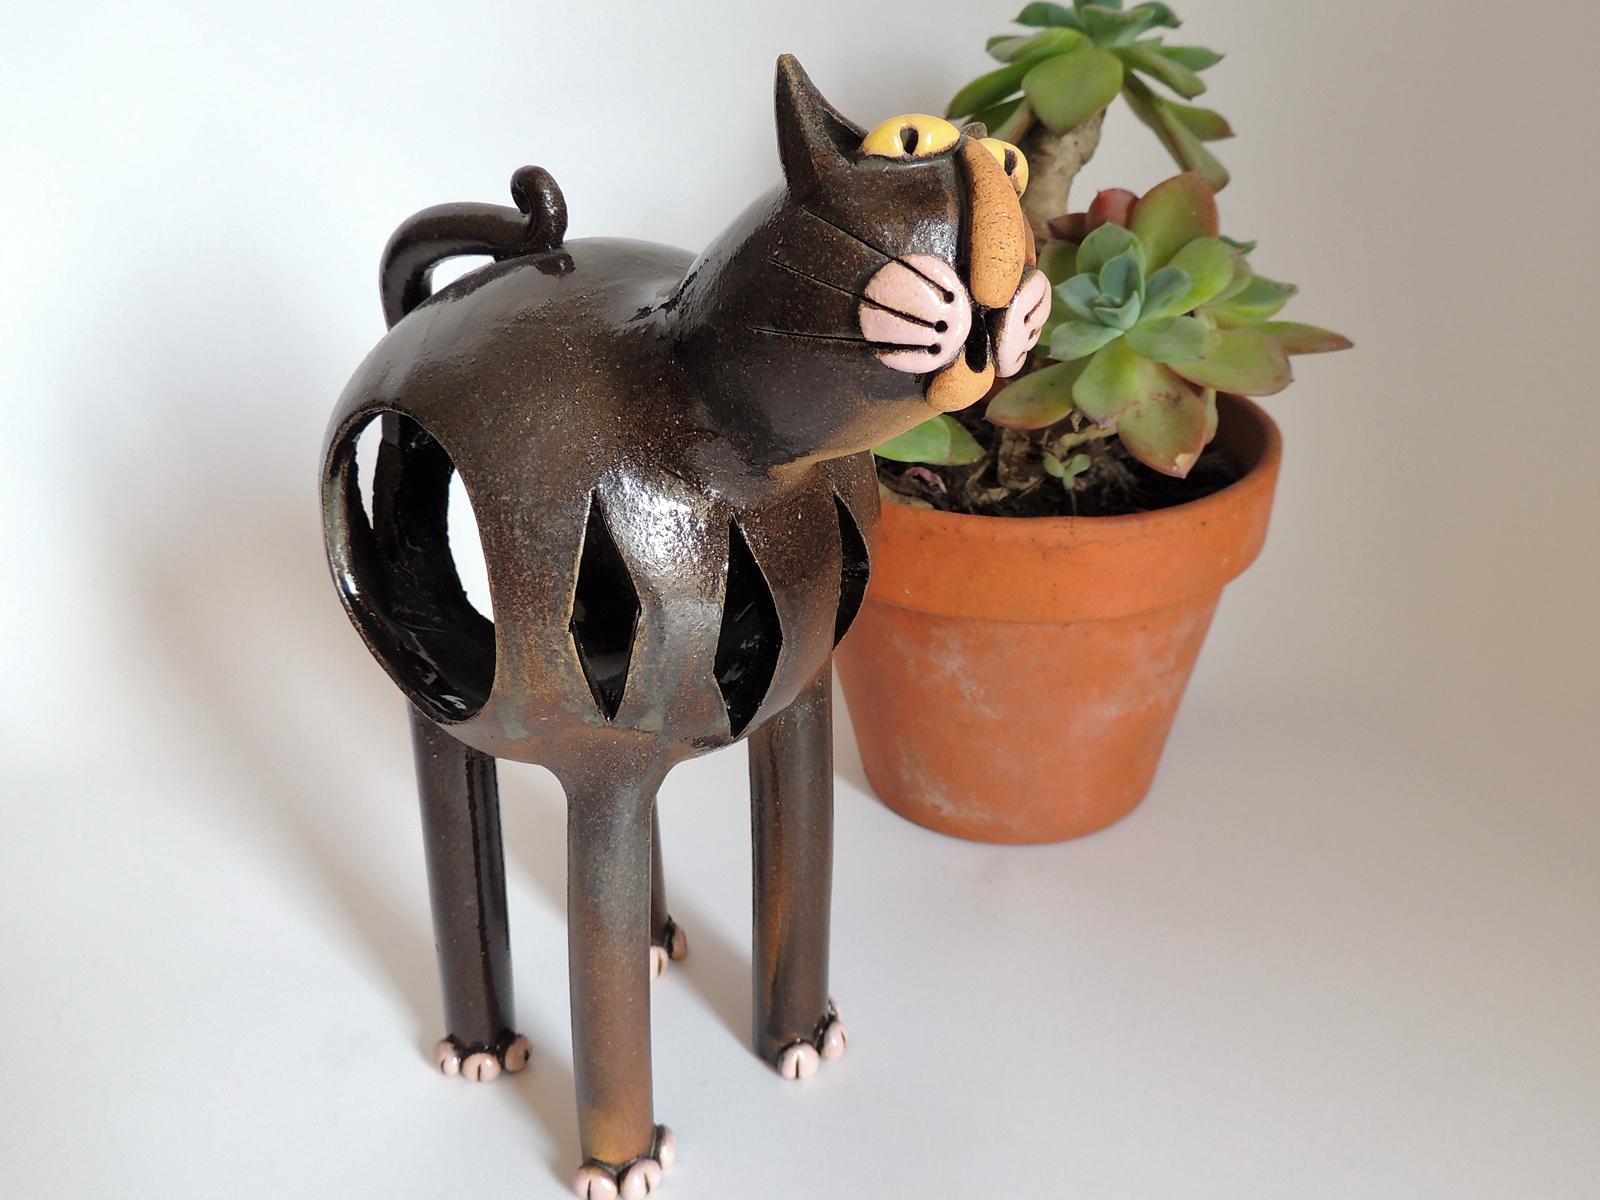 gufo greta filippini oca ceramica artistica ferrara bomboniere regali personalizzati gatto luce